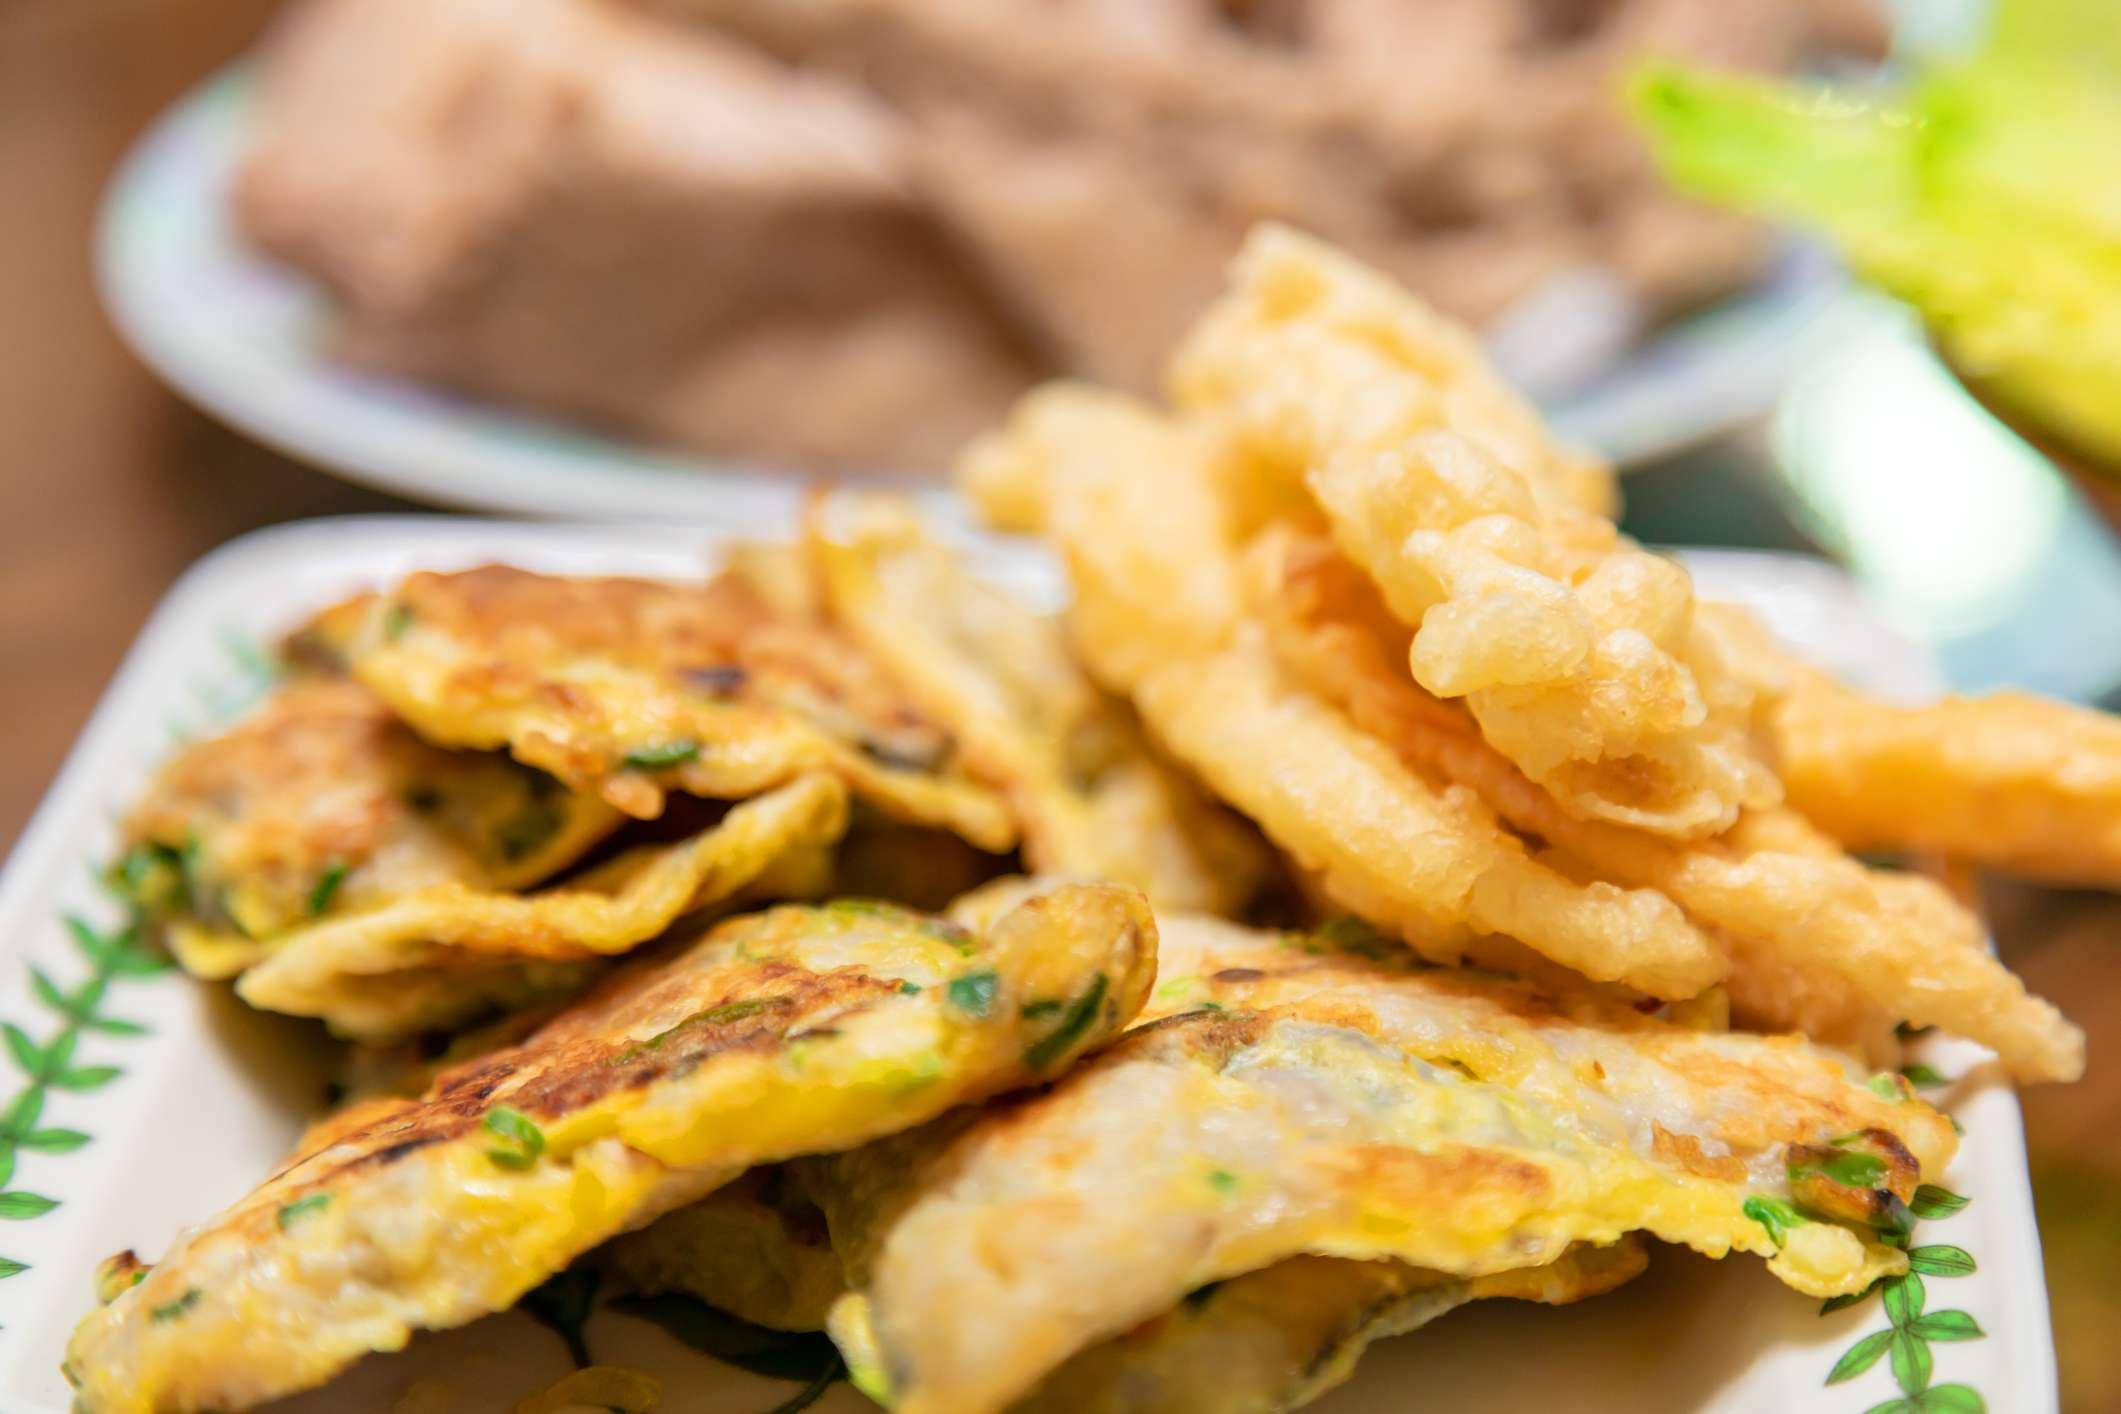 Korean fried dish